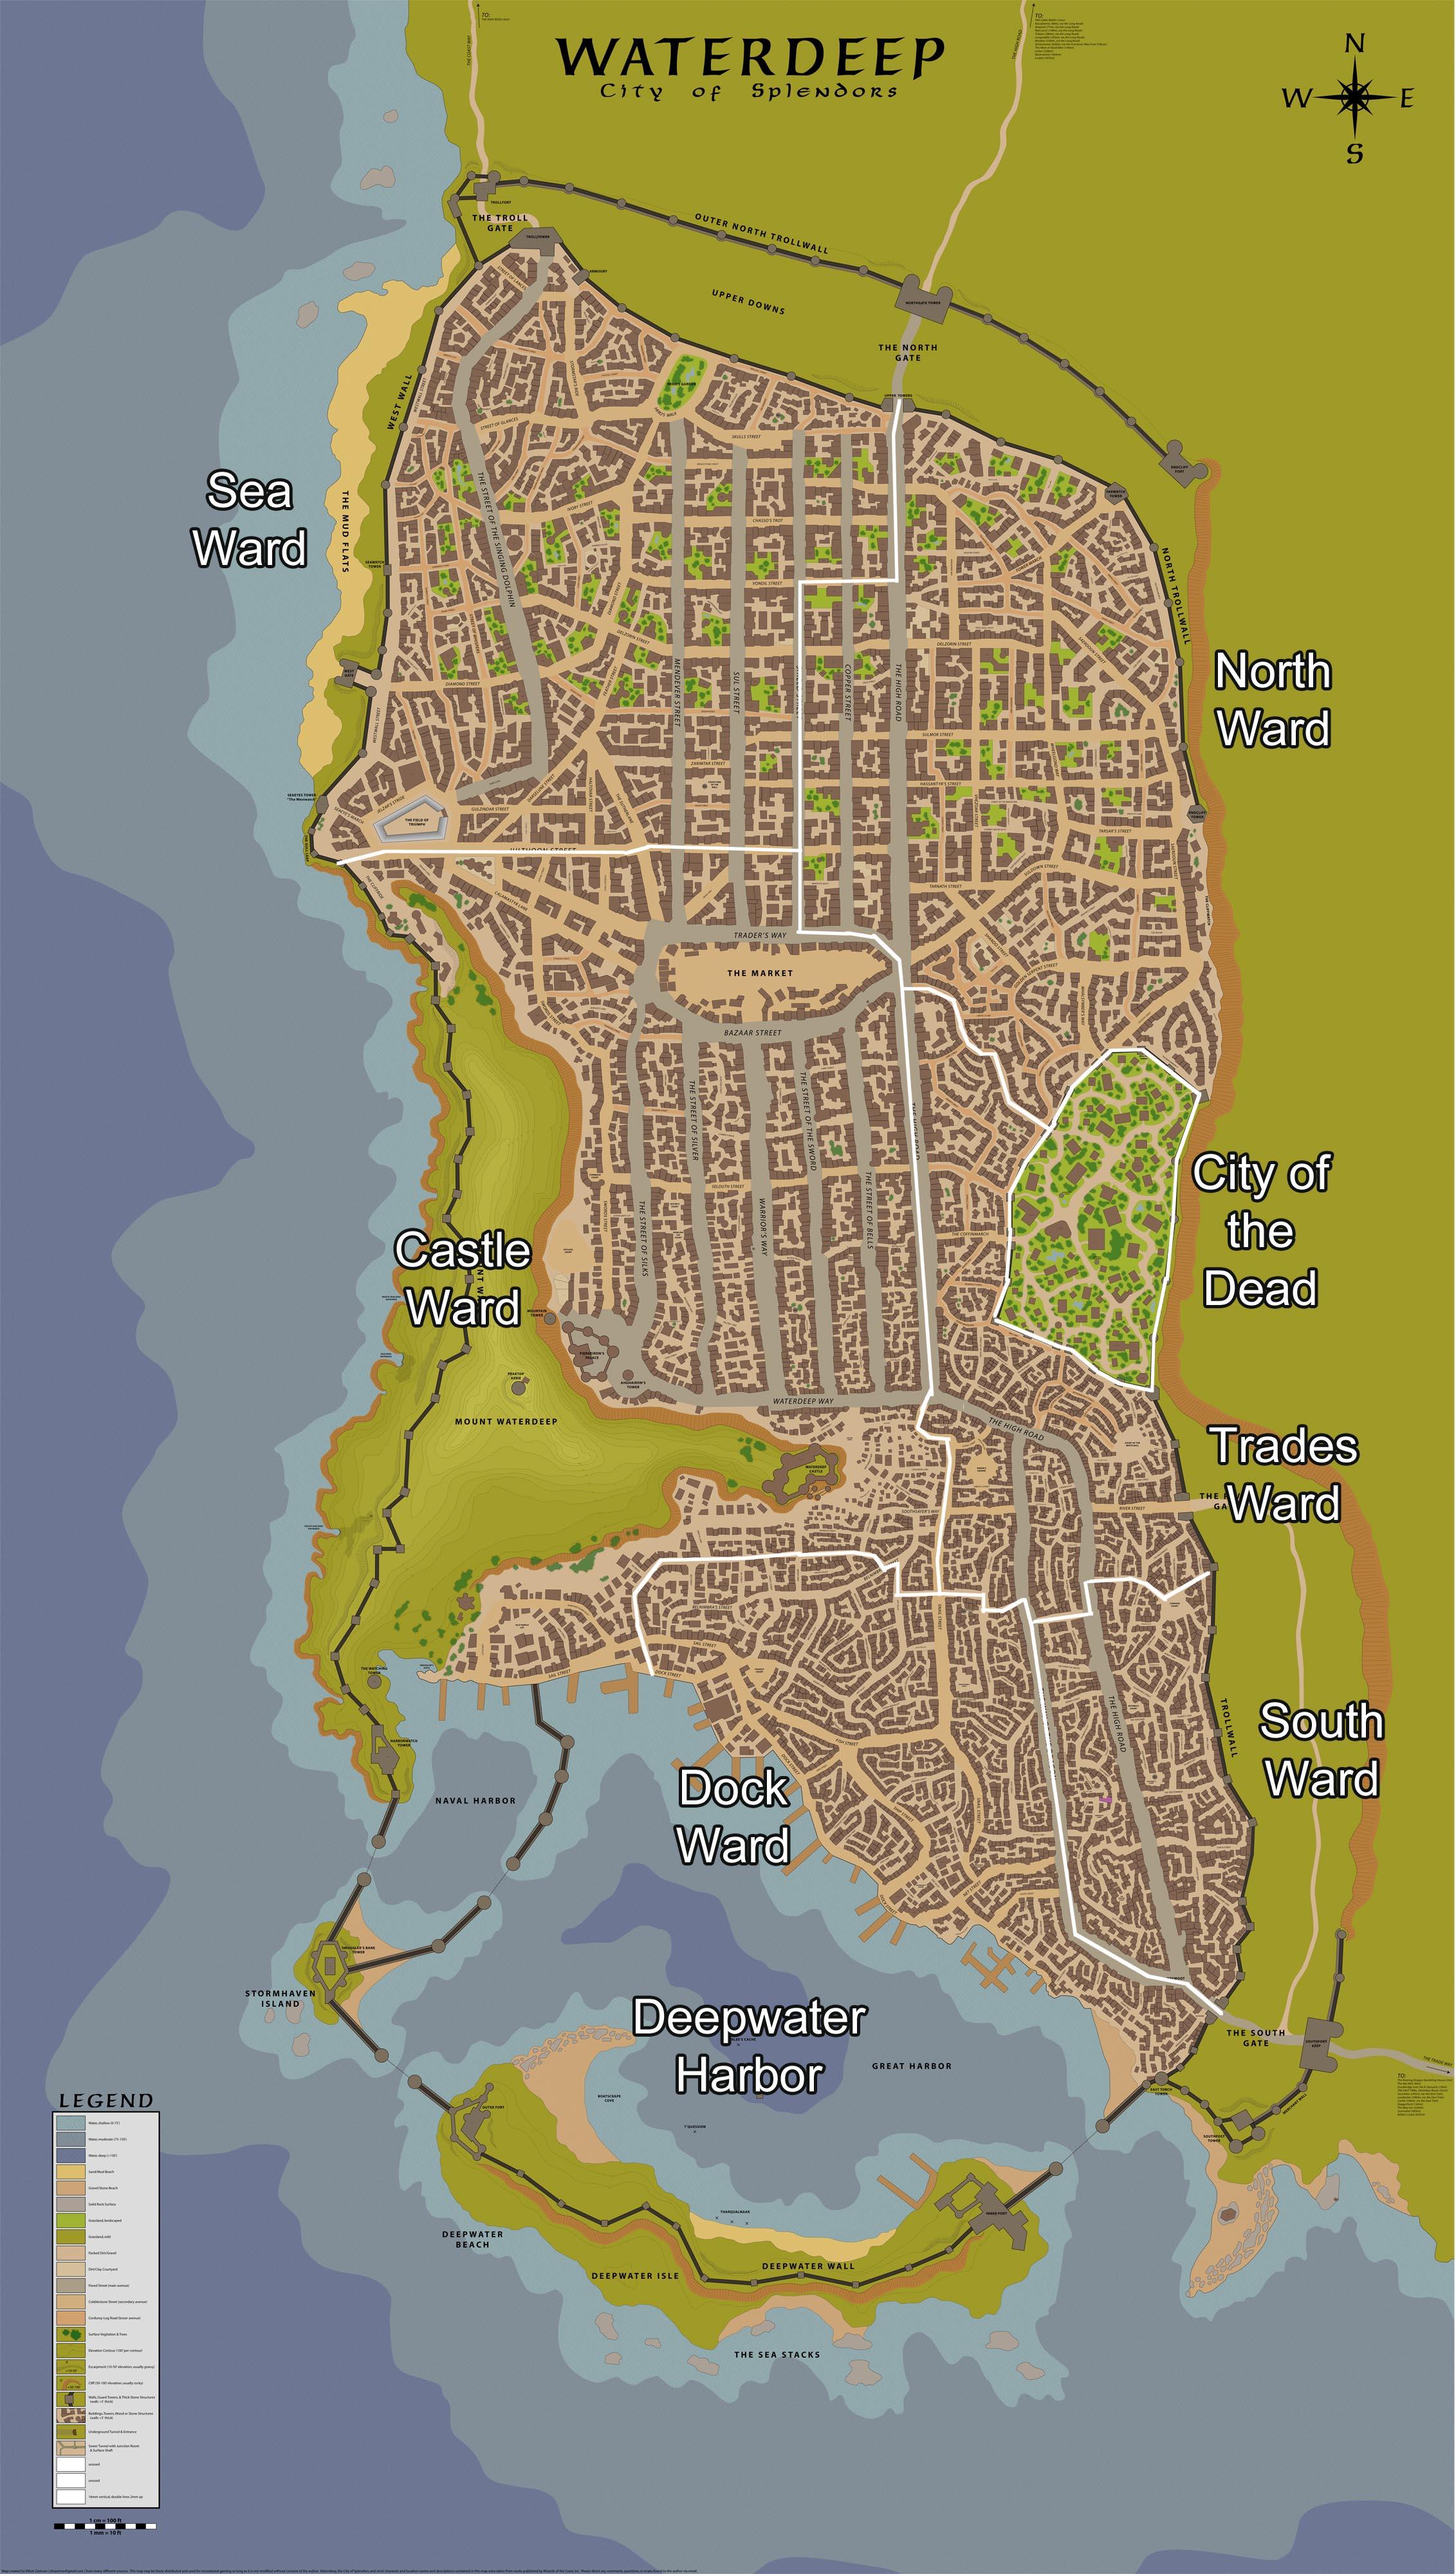 Map-waterdeep.jpg